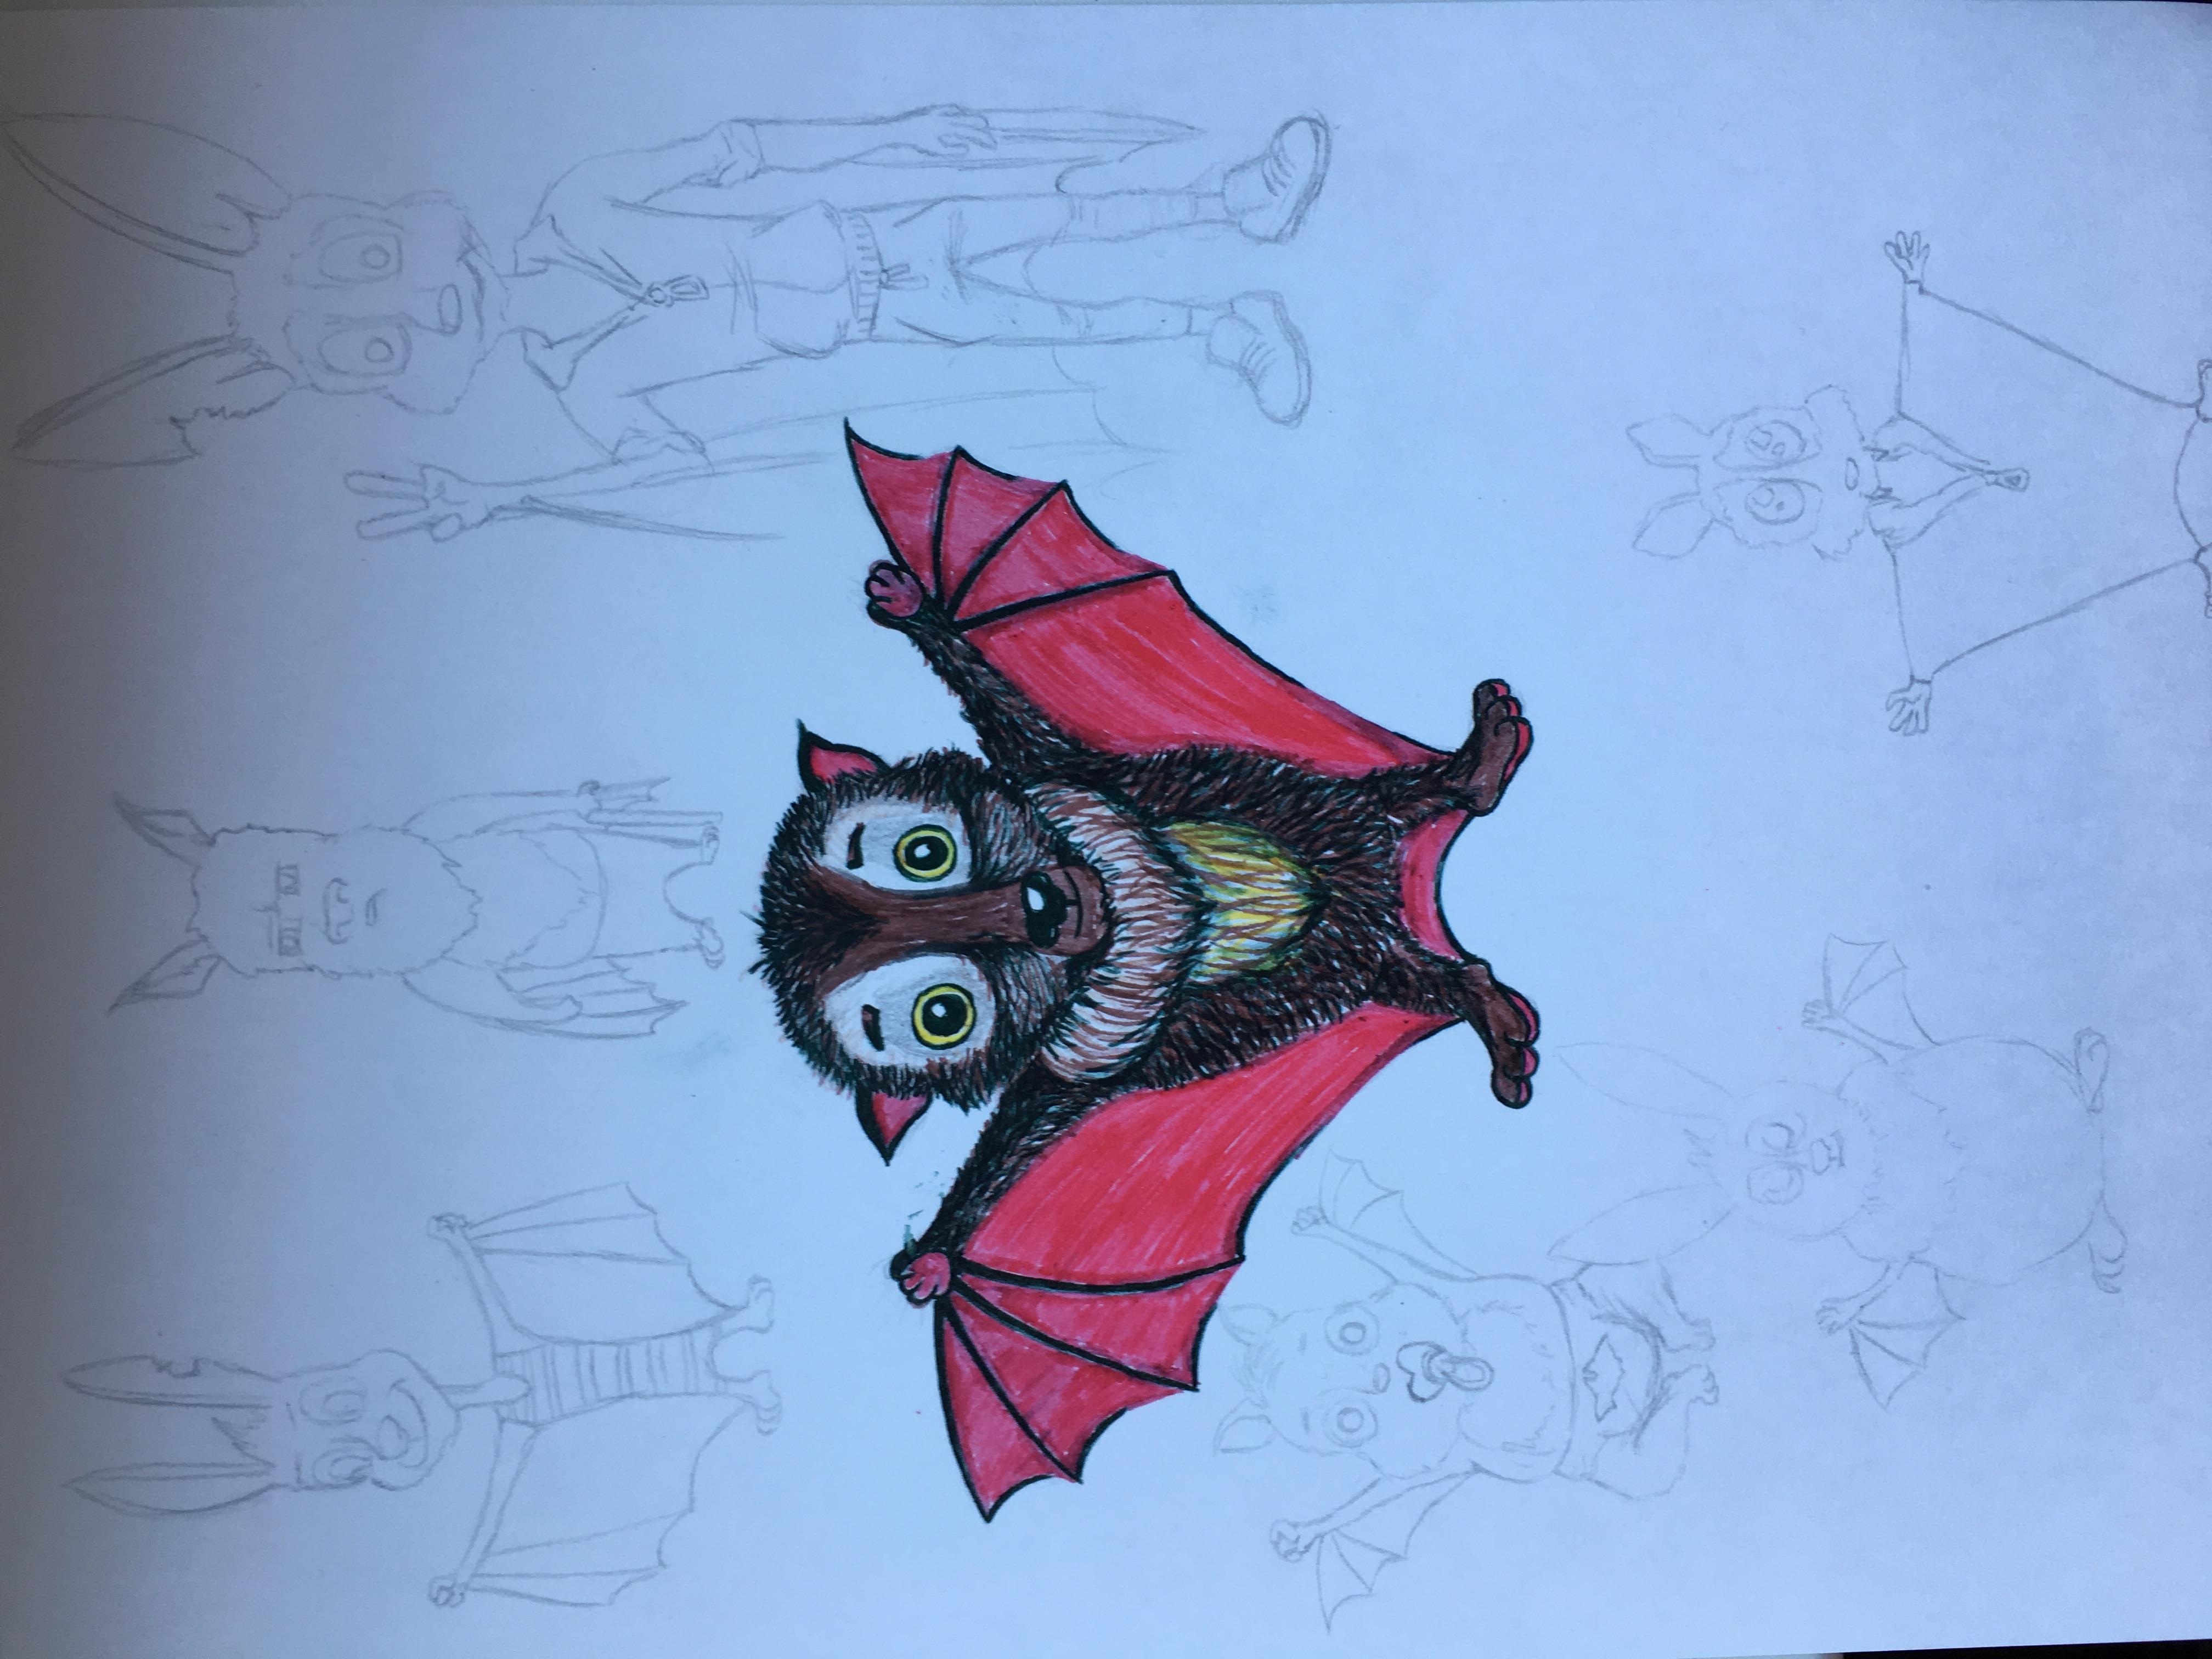 Нарисовать персонажа для анимации фото f_3175c93340dcb756.jpg